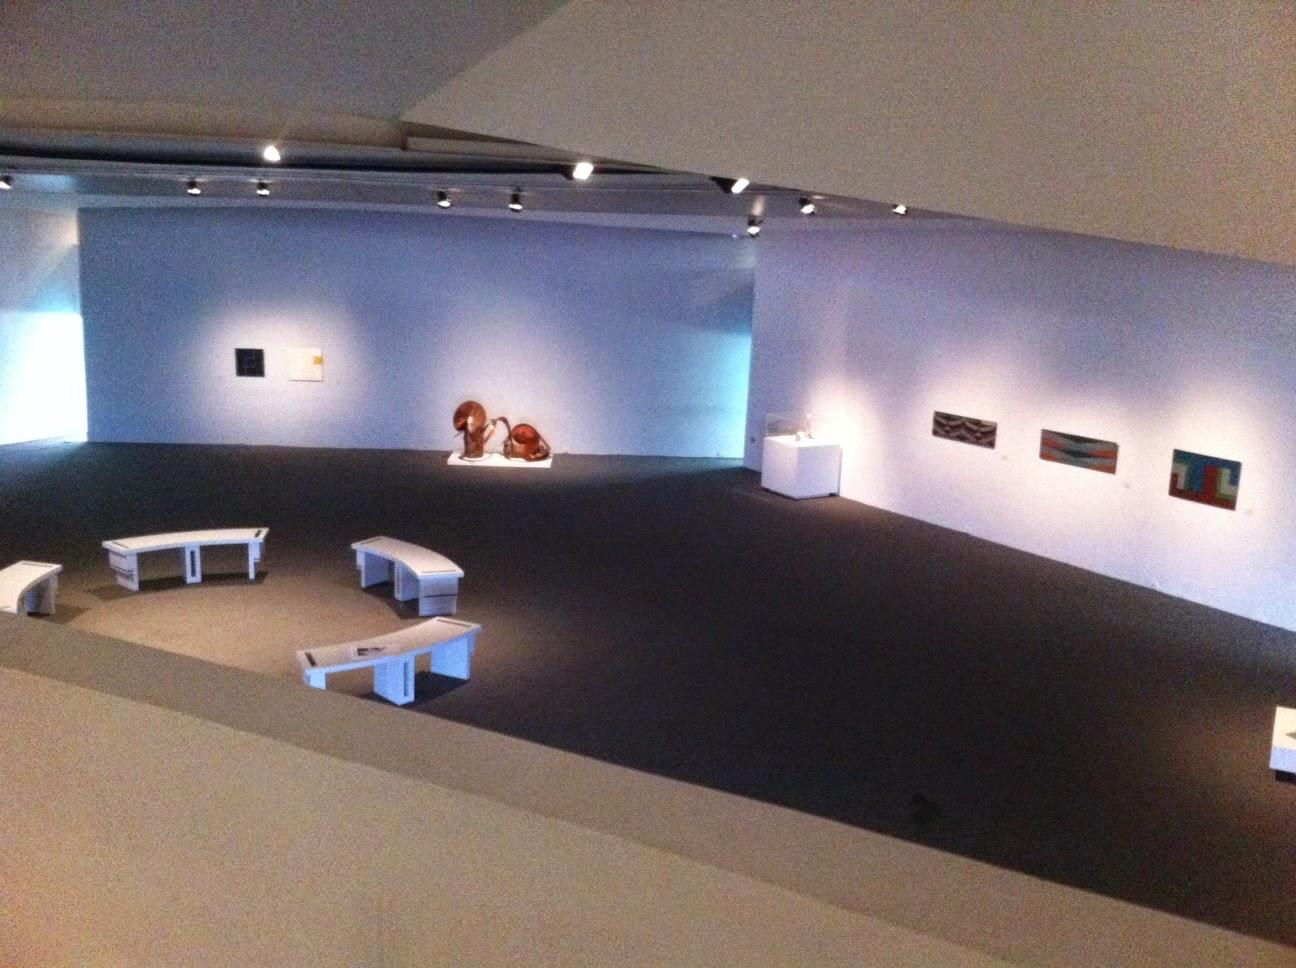 Descrição da Foto: Imagem vista de cima do salão de exposição com paredes brancas, piso marrom, com iluminações direcionadas tanto para algumas obras de Ligia Clark, pinturas e esculturas, quanto bancos brancos, do lado esquerdo, área reservada as atividades do educativo.